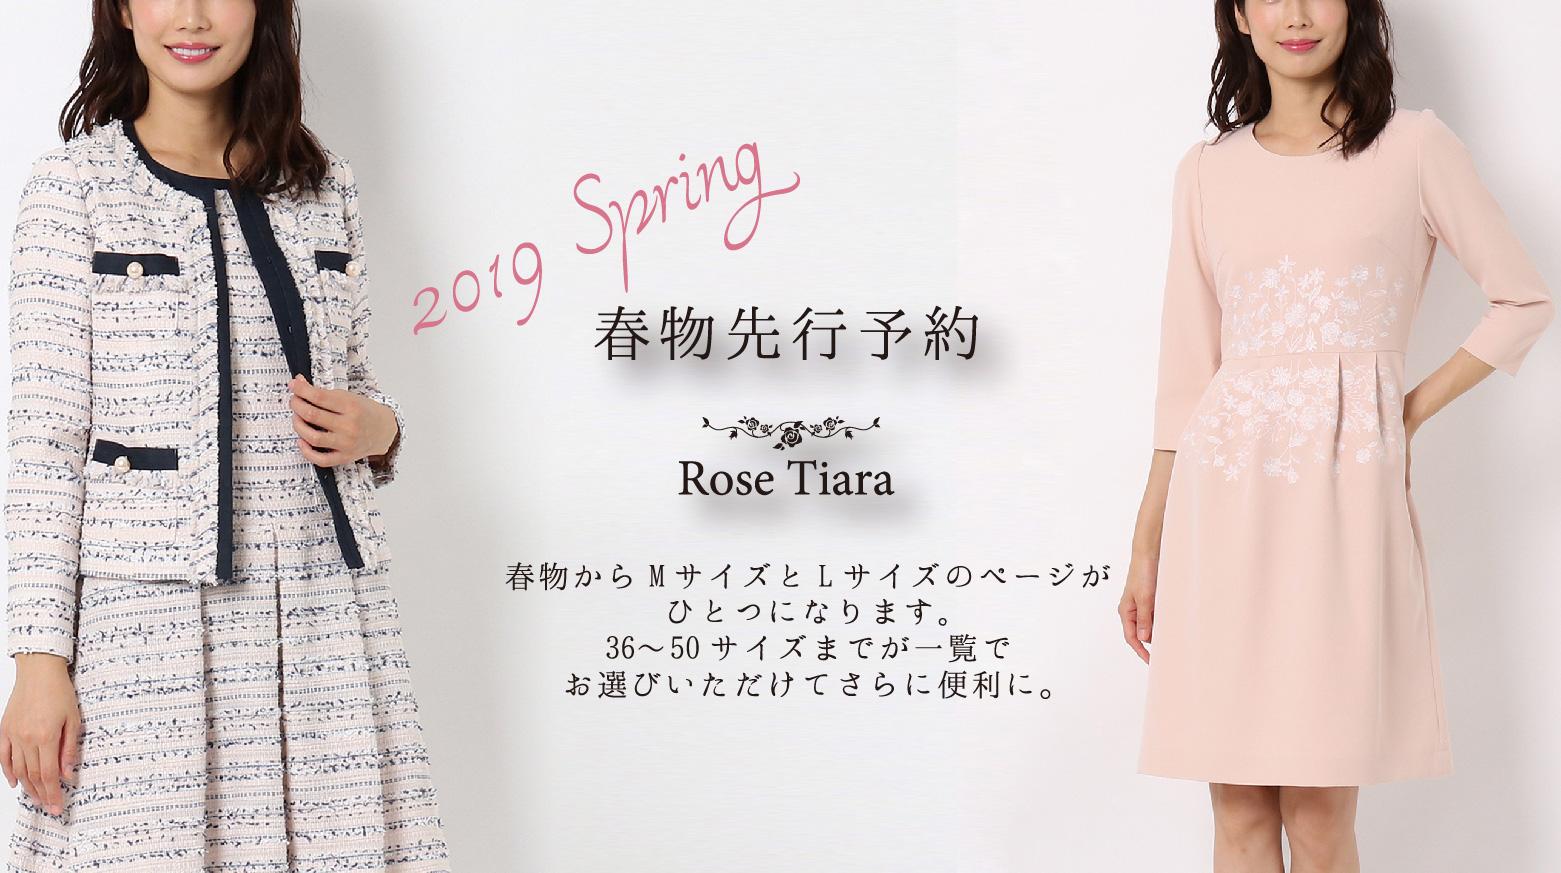 【先行予約スタート】春の新作ウエスト刺繍ワンピース